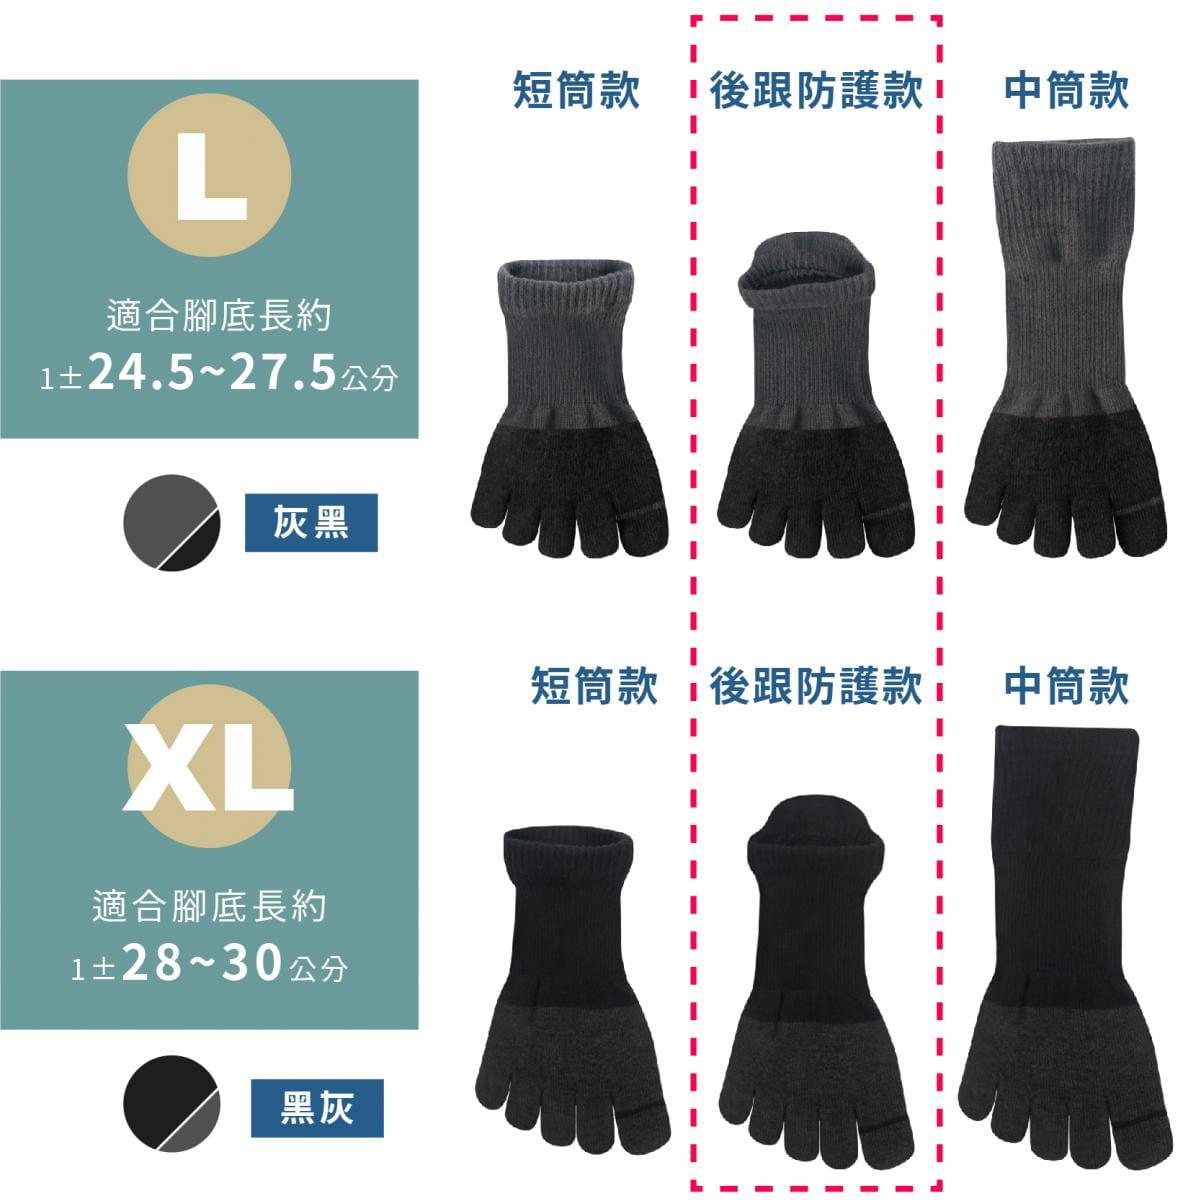 【FAV】後跟防護加壓五指運動襪-1雙入 10